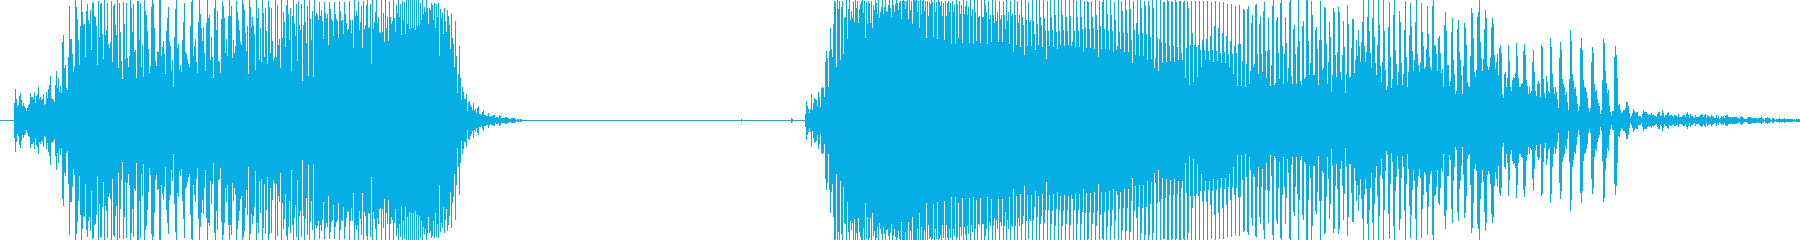 ゲットー!の再生済みの波形